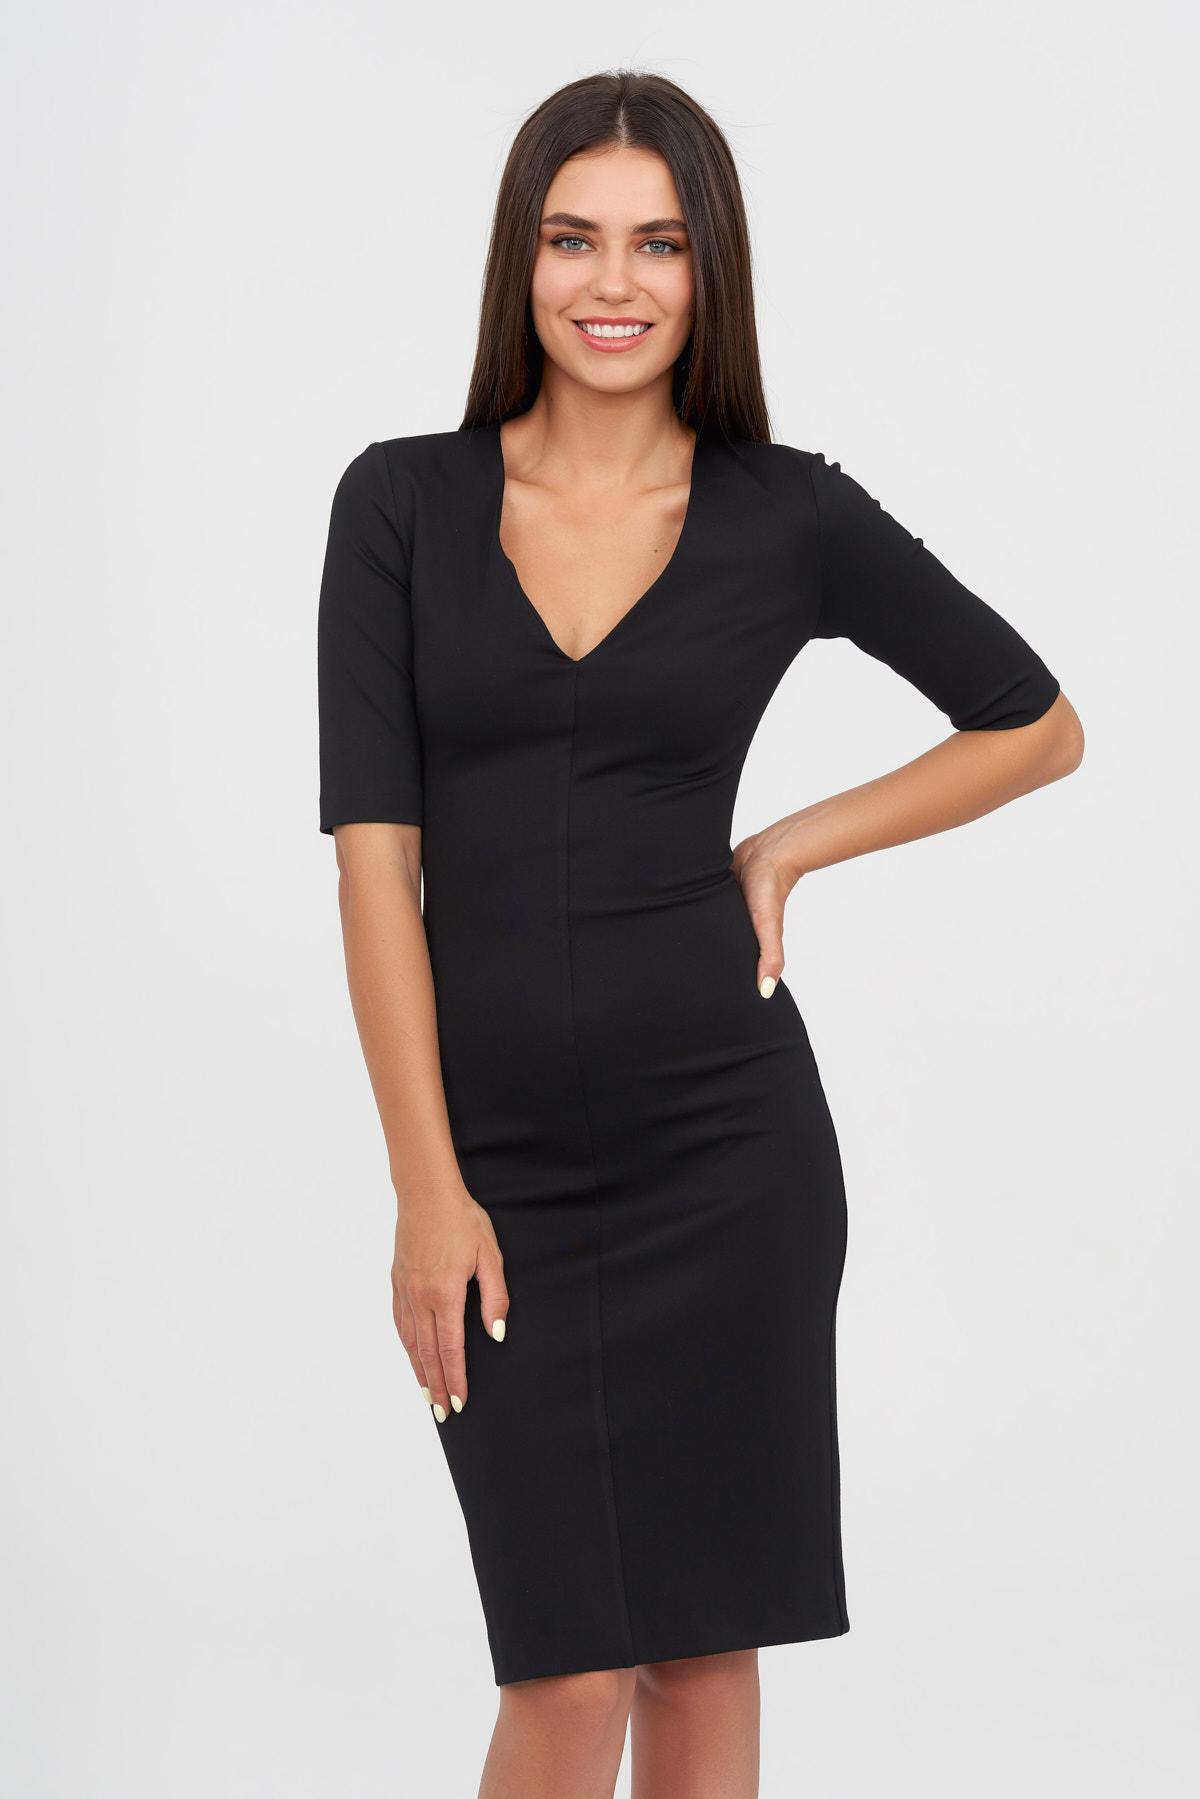 Платье женские Natali Bolgar модель 19042TR268 приобрести, 2017